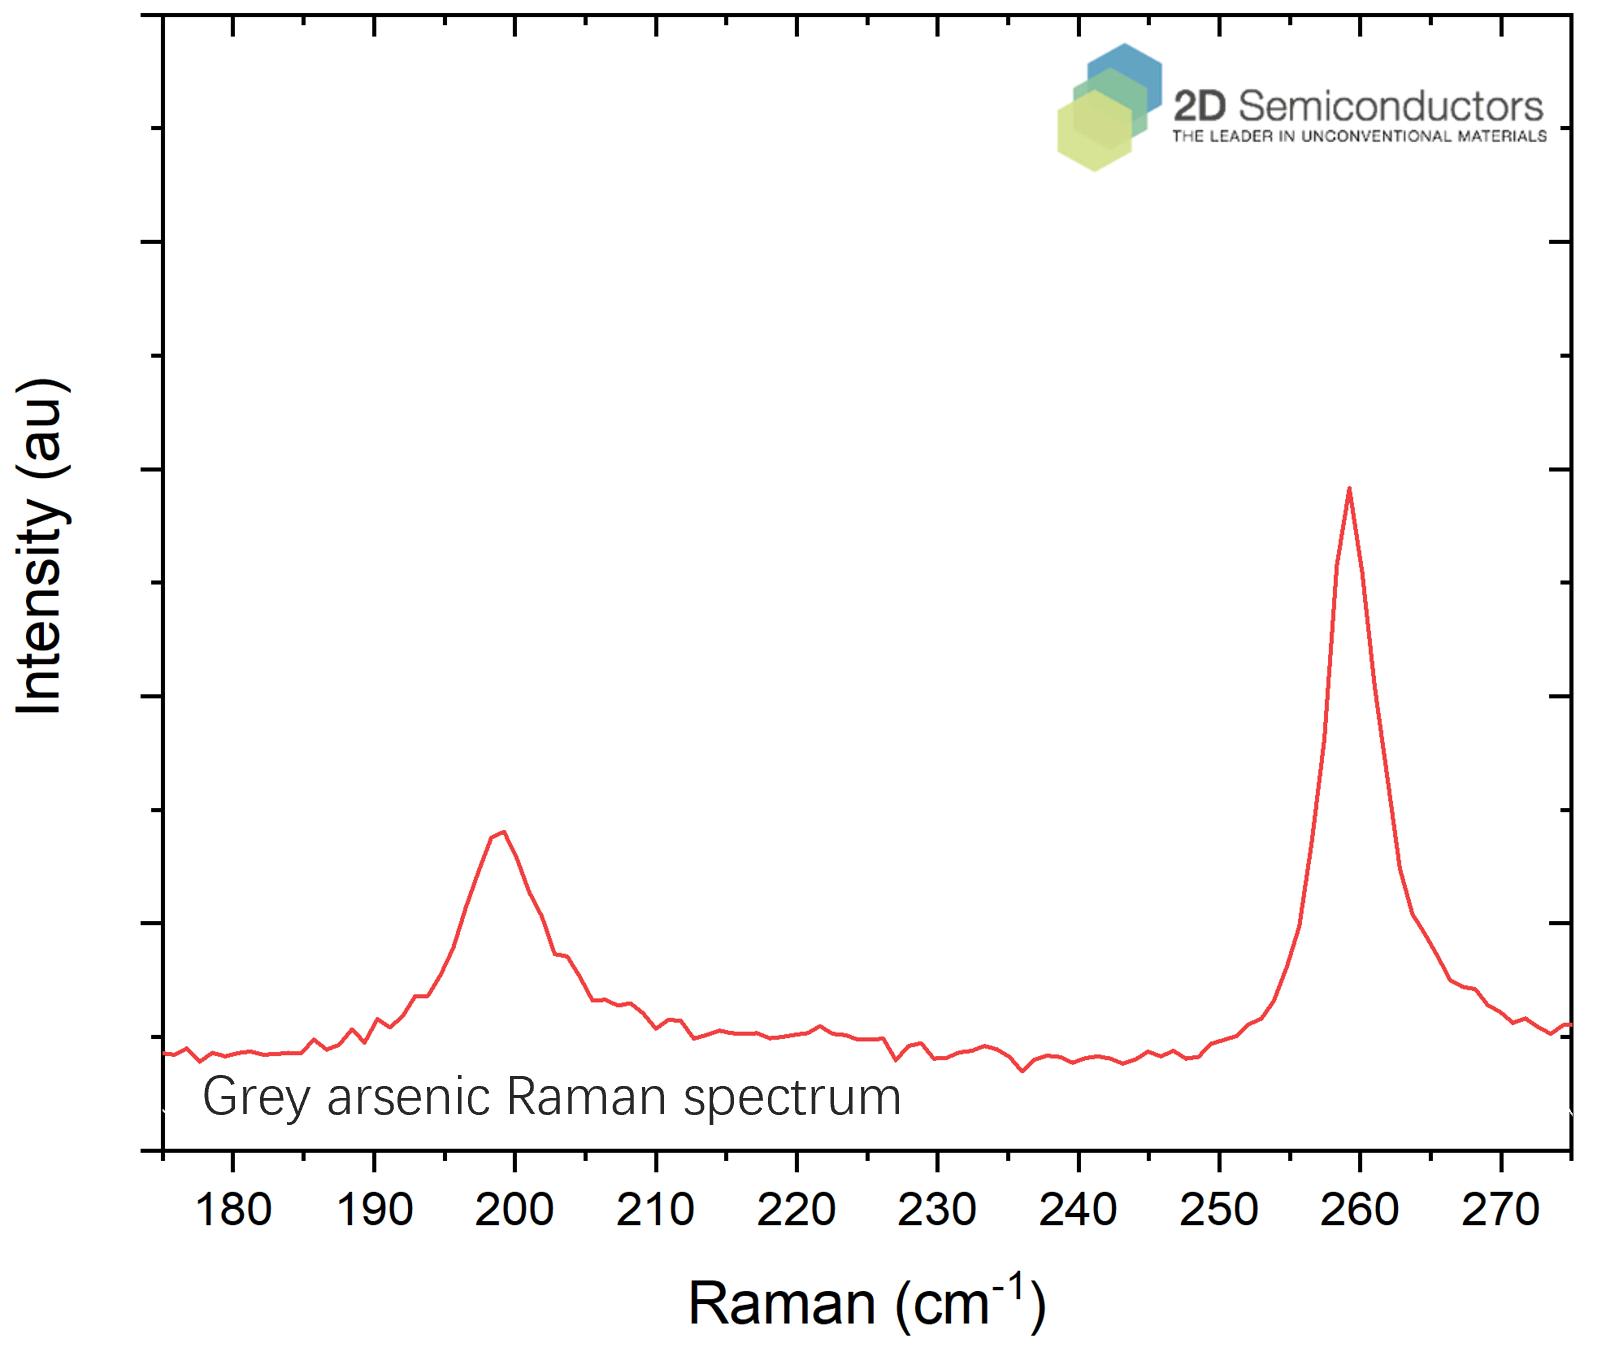 grey-arsenic-raman-spectrum.png